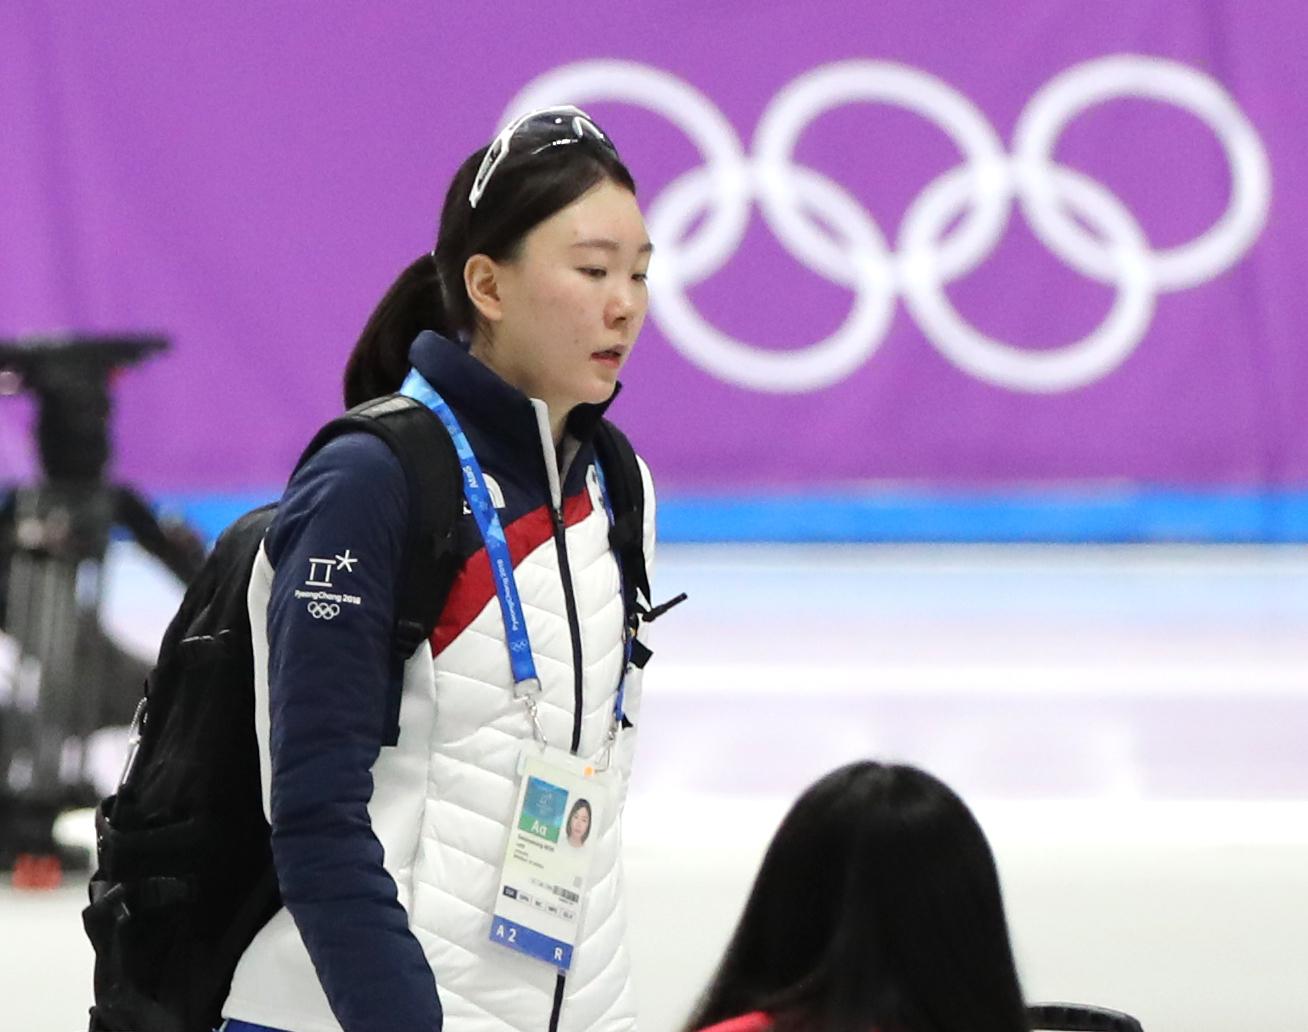 스피드스케이팅 노선영 선수. 일간스포츠